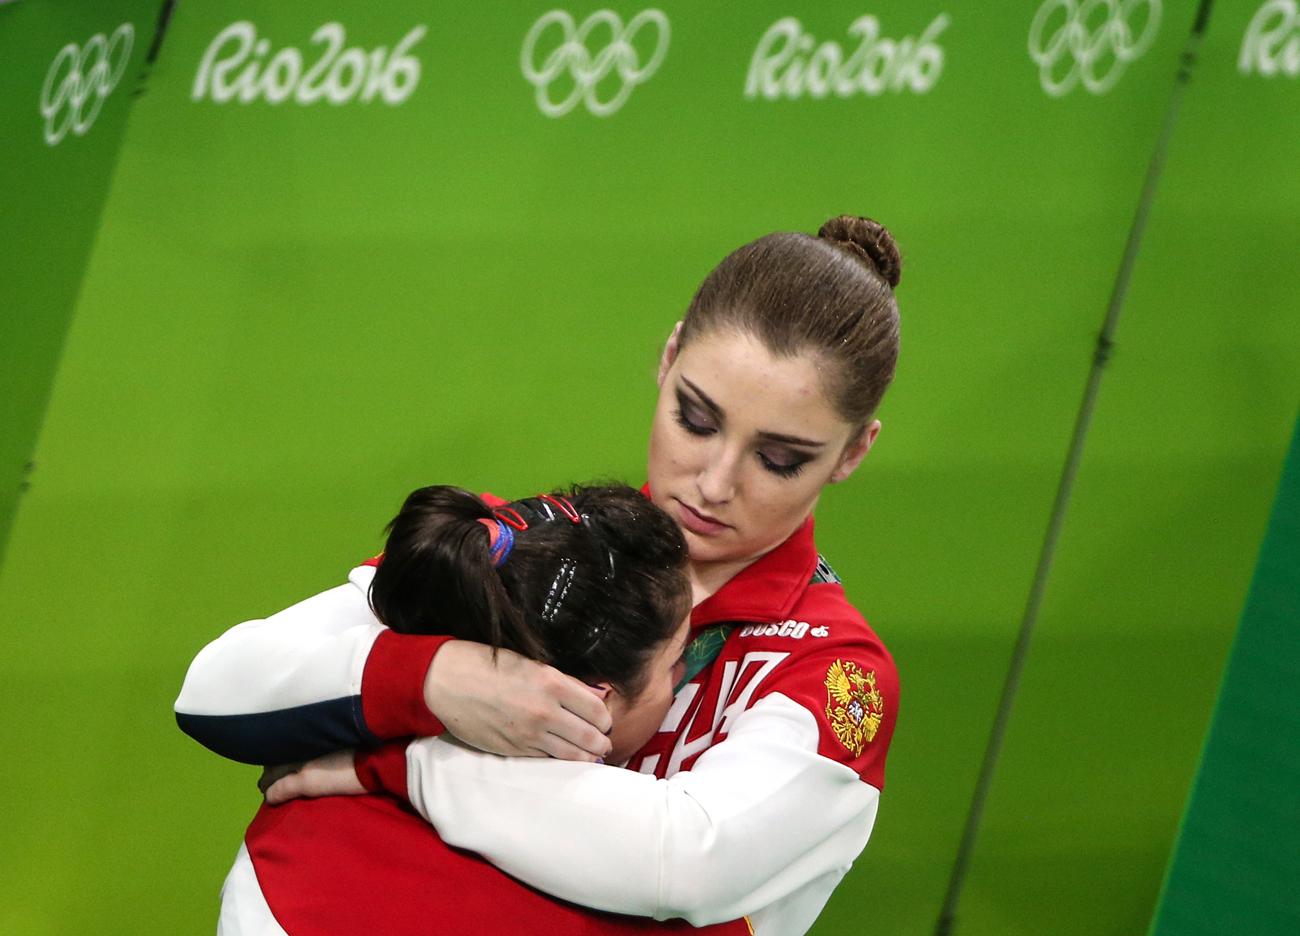 """Nachdem die Athletinnen im Mehrkampf auf den vierten Platz abgerutscht waren, rettete Mustafina die Mannschaft: """"Wir müssen bis zum Schluss kämpfen. Sich zurücklehnen, geht nicht, sagte ich meinen Team-Kolleginnen"""", erklärte Alija in einem Interview nach dem Wettkampf. Die Russinnen holten Silber."""